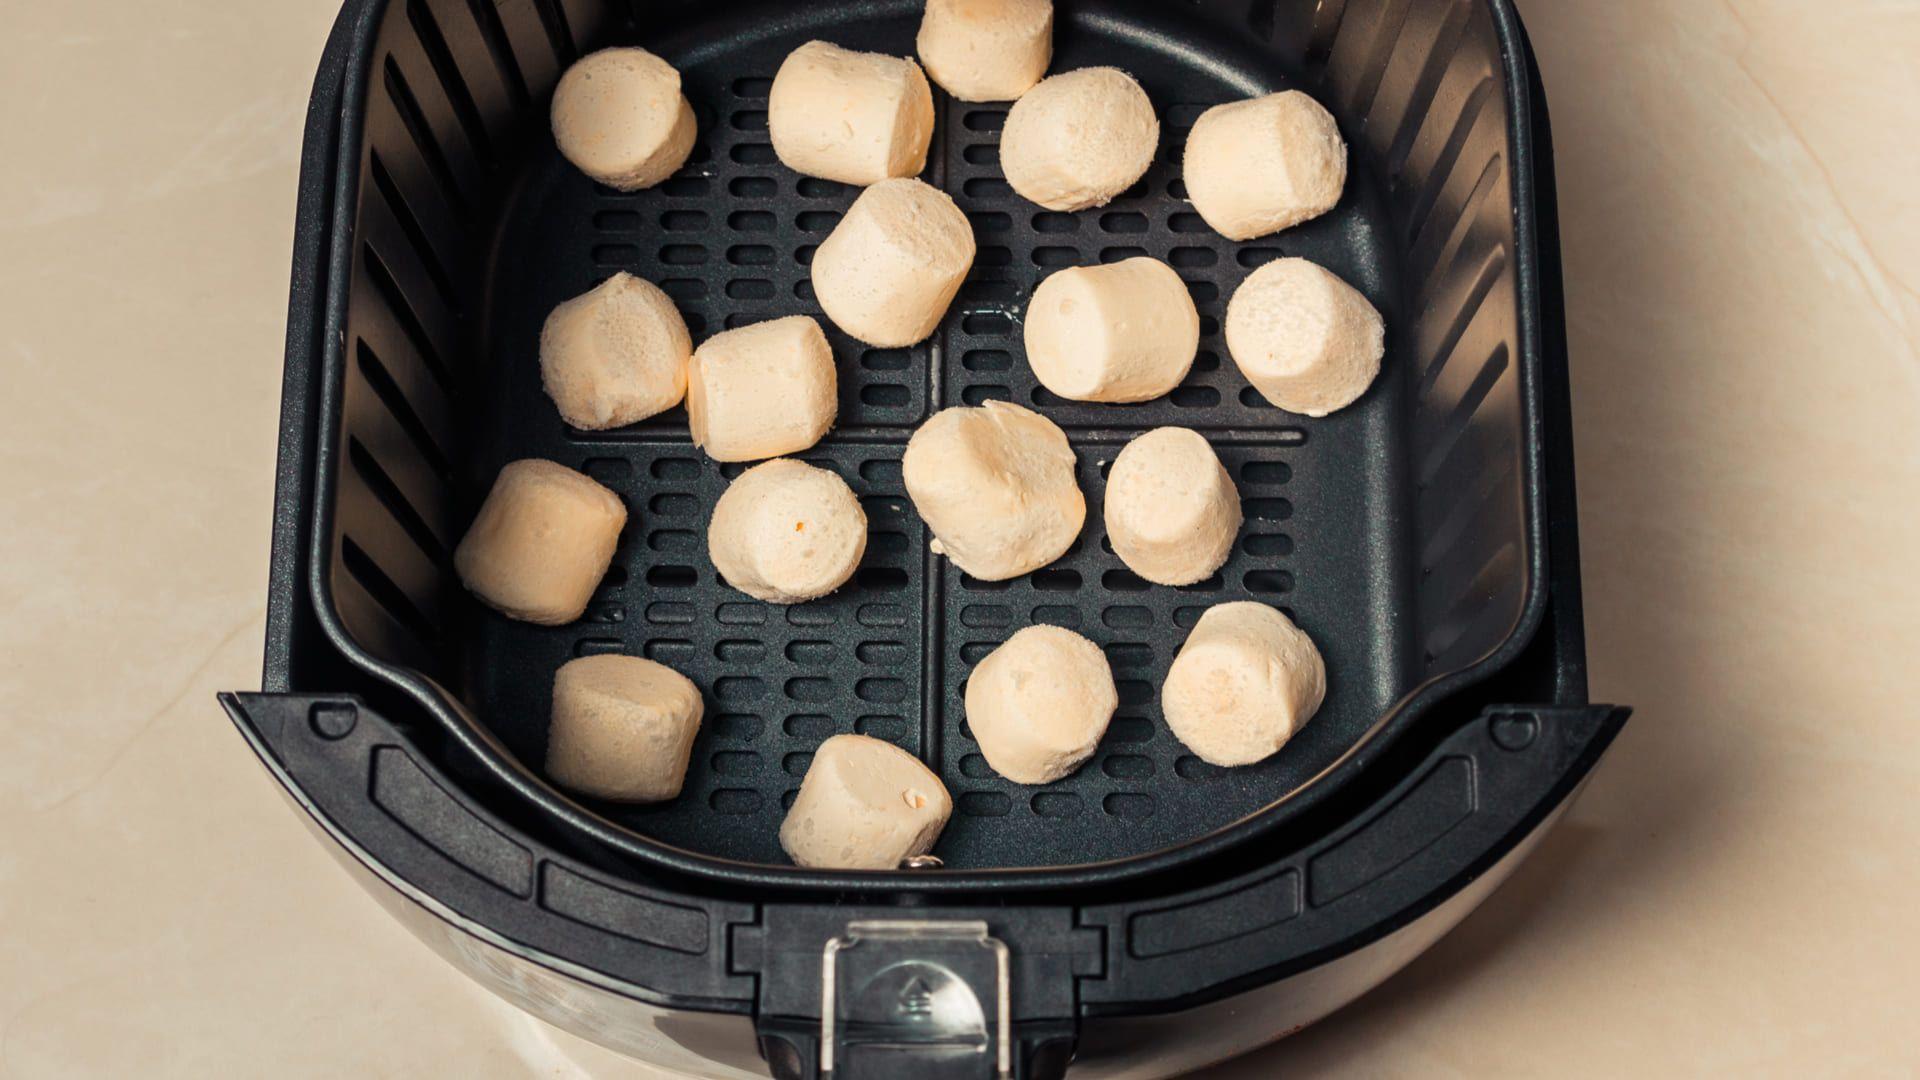 Saiba como fazer pão de queijo na airfryer e garanta o lanche da tarde. (Imagem: Reprodução/Shutterstock)